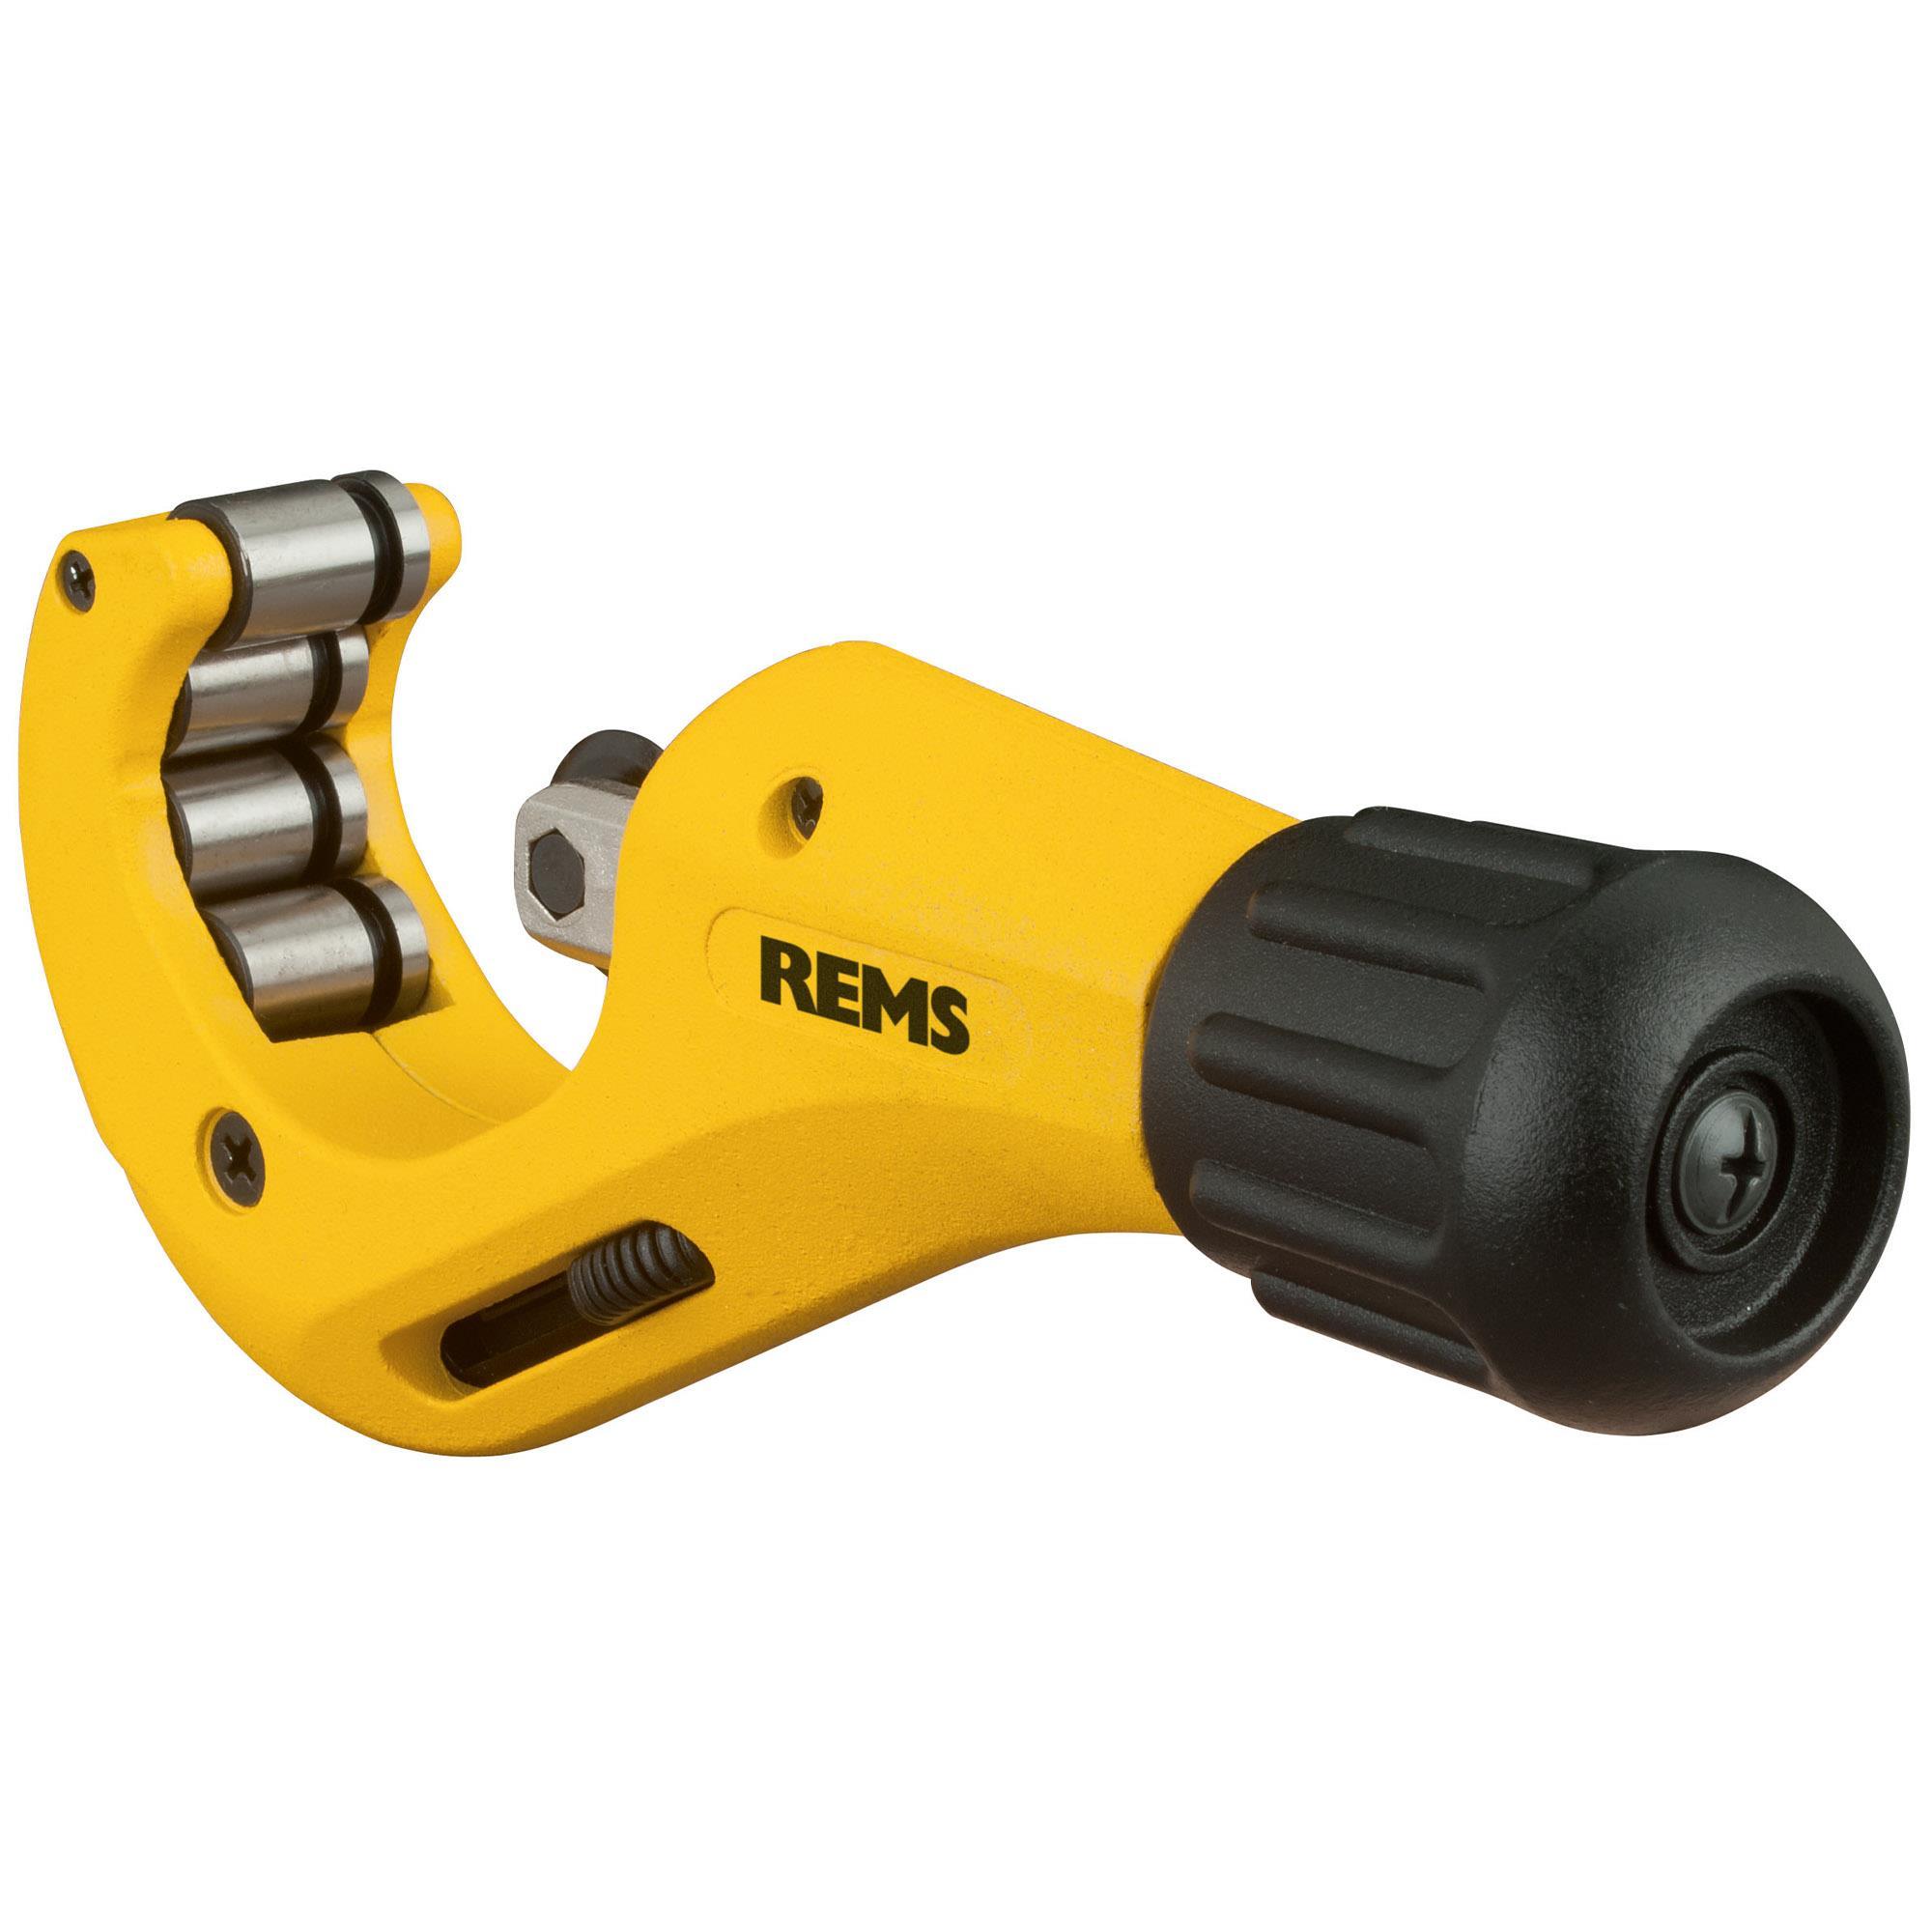 REMS RAS Cu-INOX Röravskärare integrerat rörgradverktyg 3-42 mm